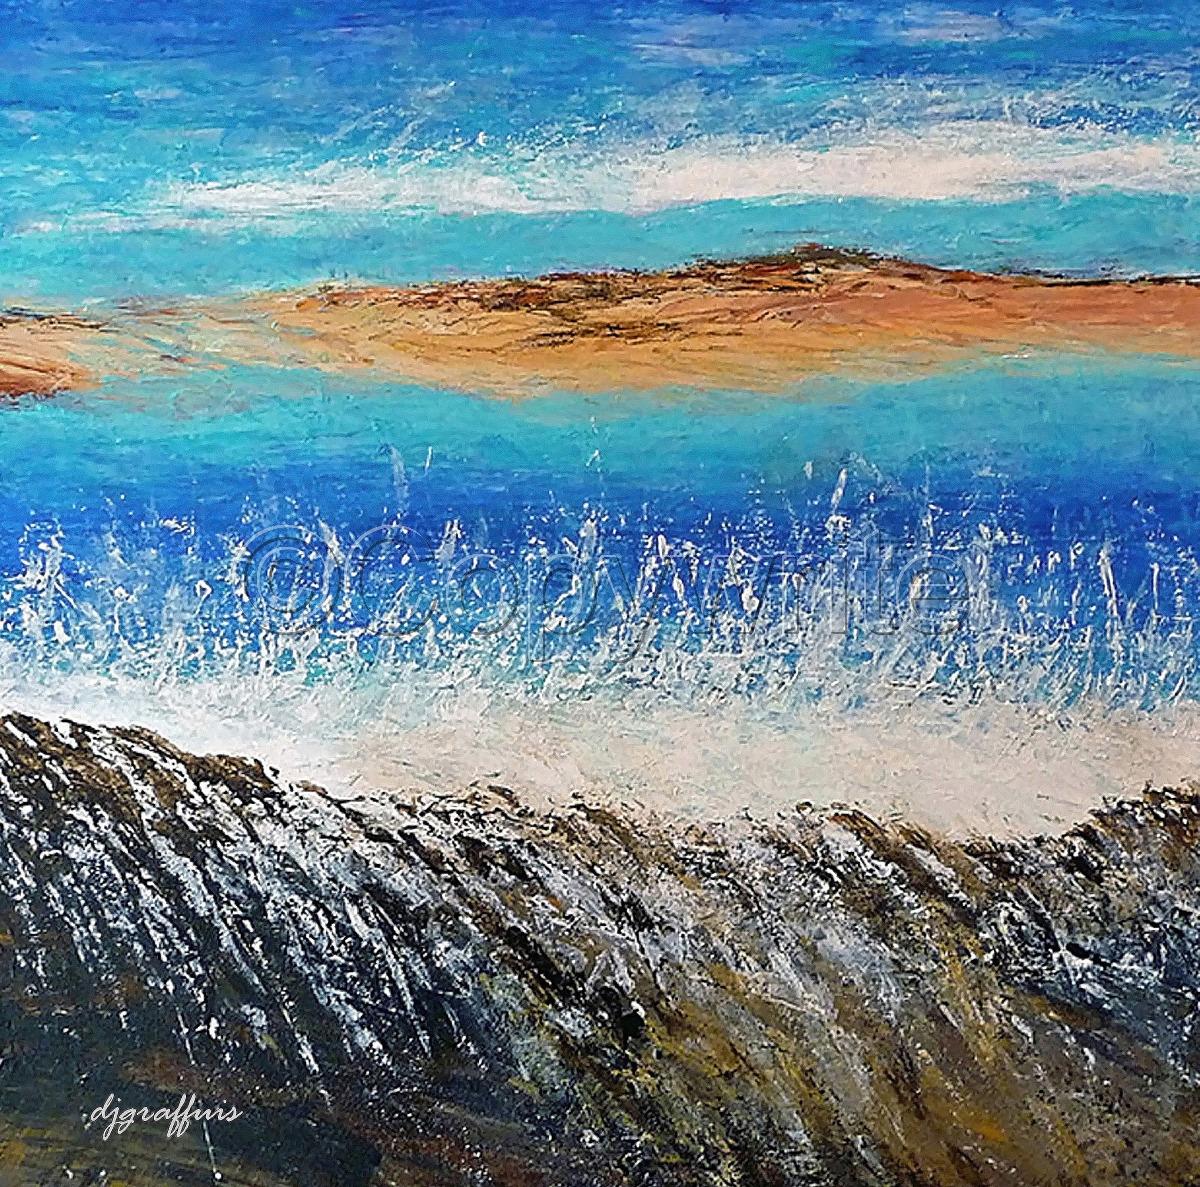 Crashing Wave (large view)